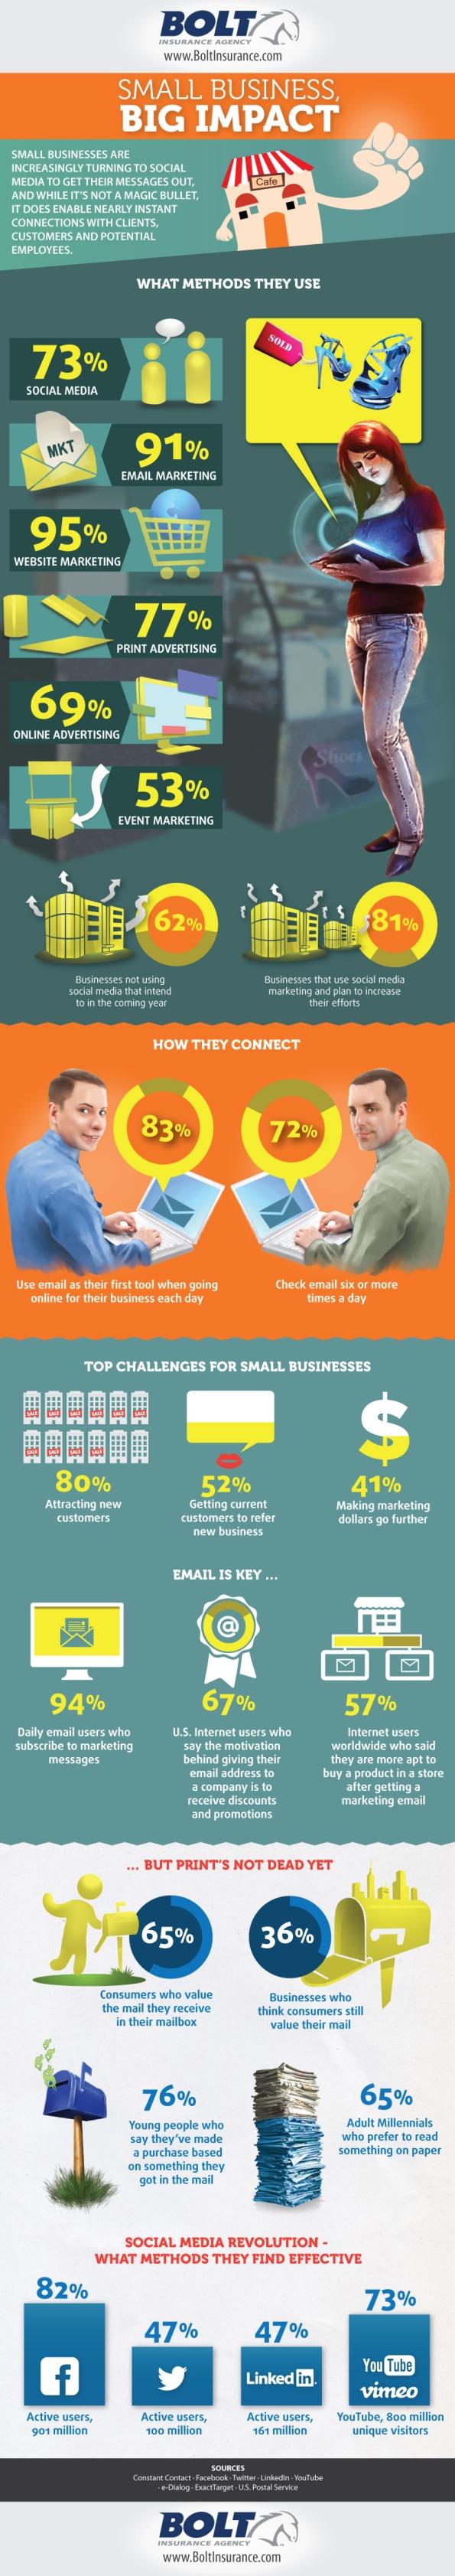 Los medios sociales están haciendo un gran impacto para la Pequeña Empresa [Infografía]